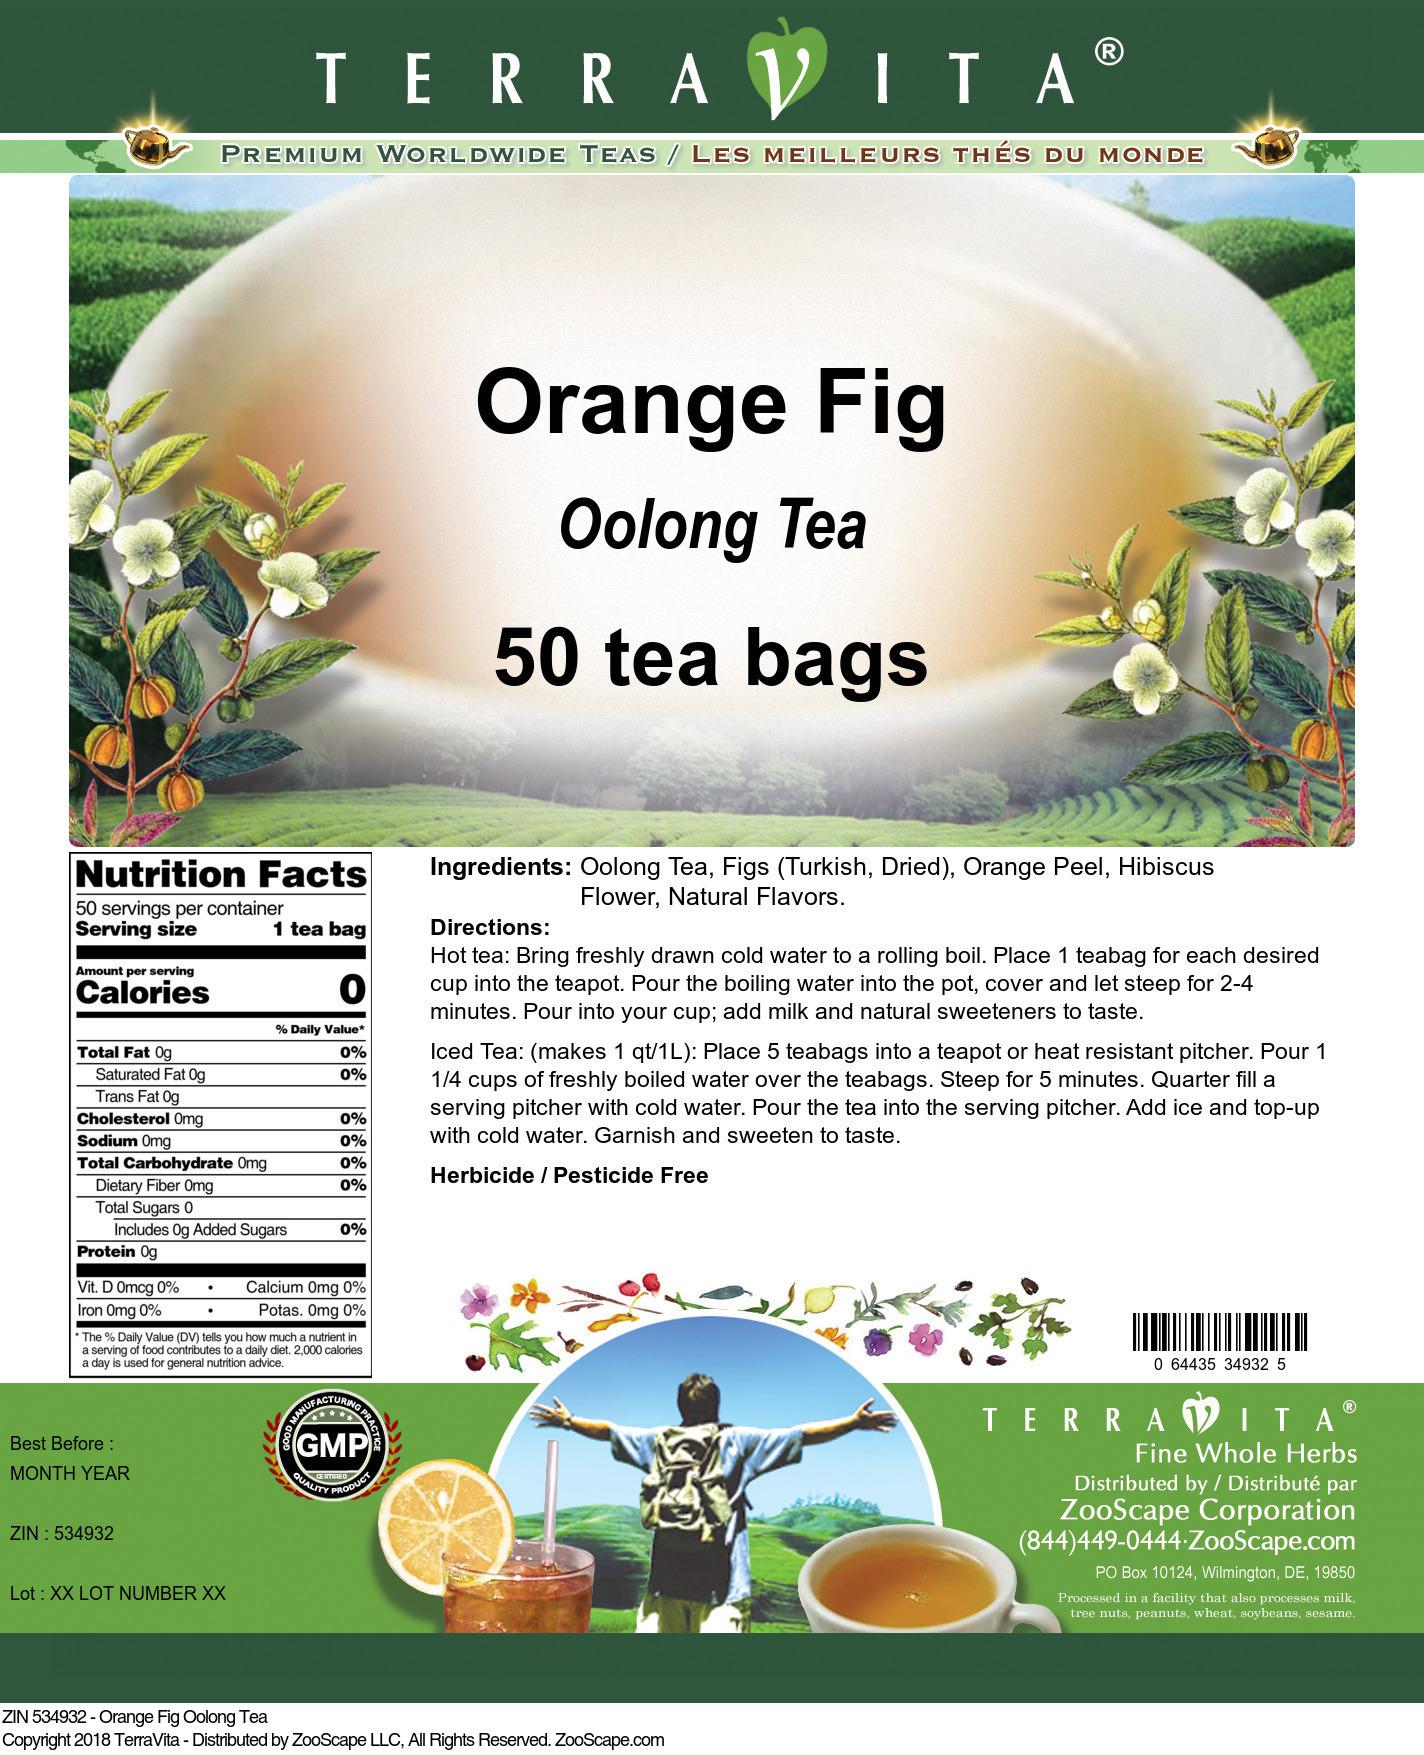 Orange Fig Oolong Tea